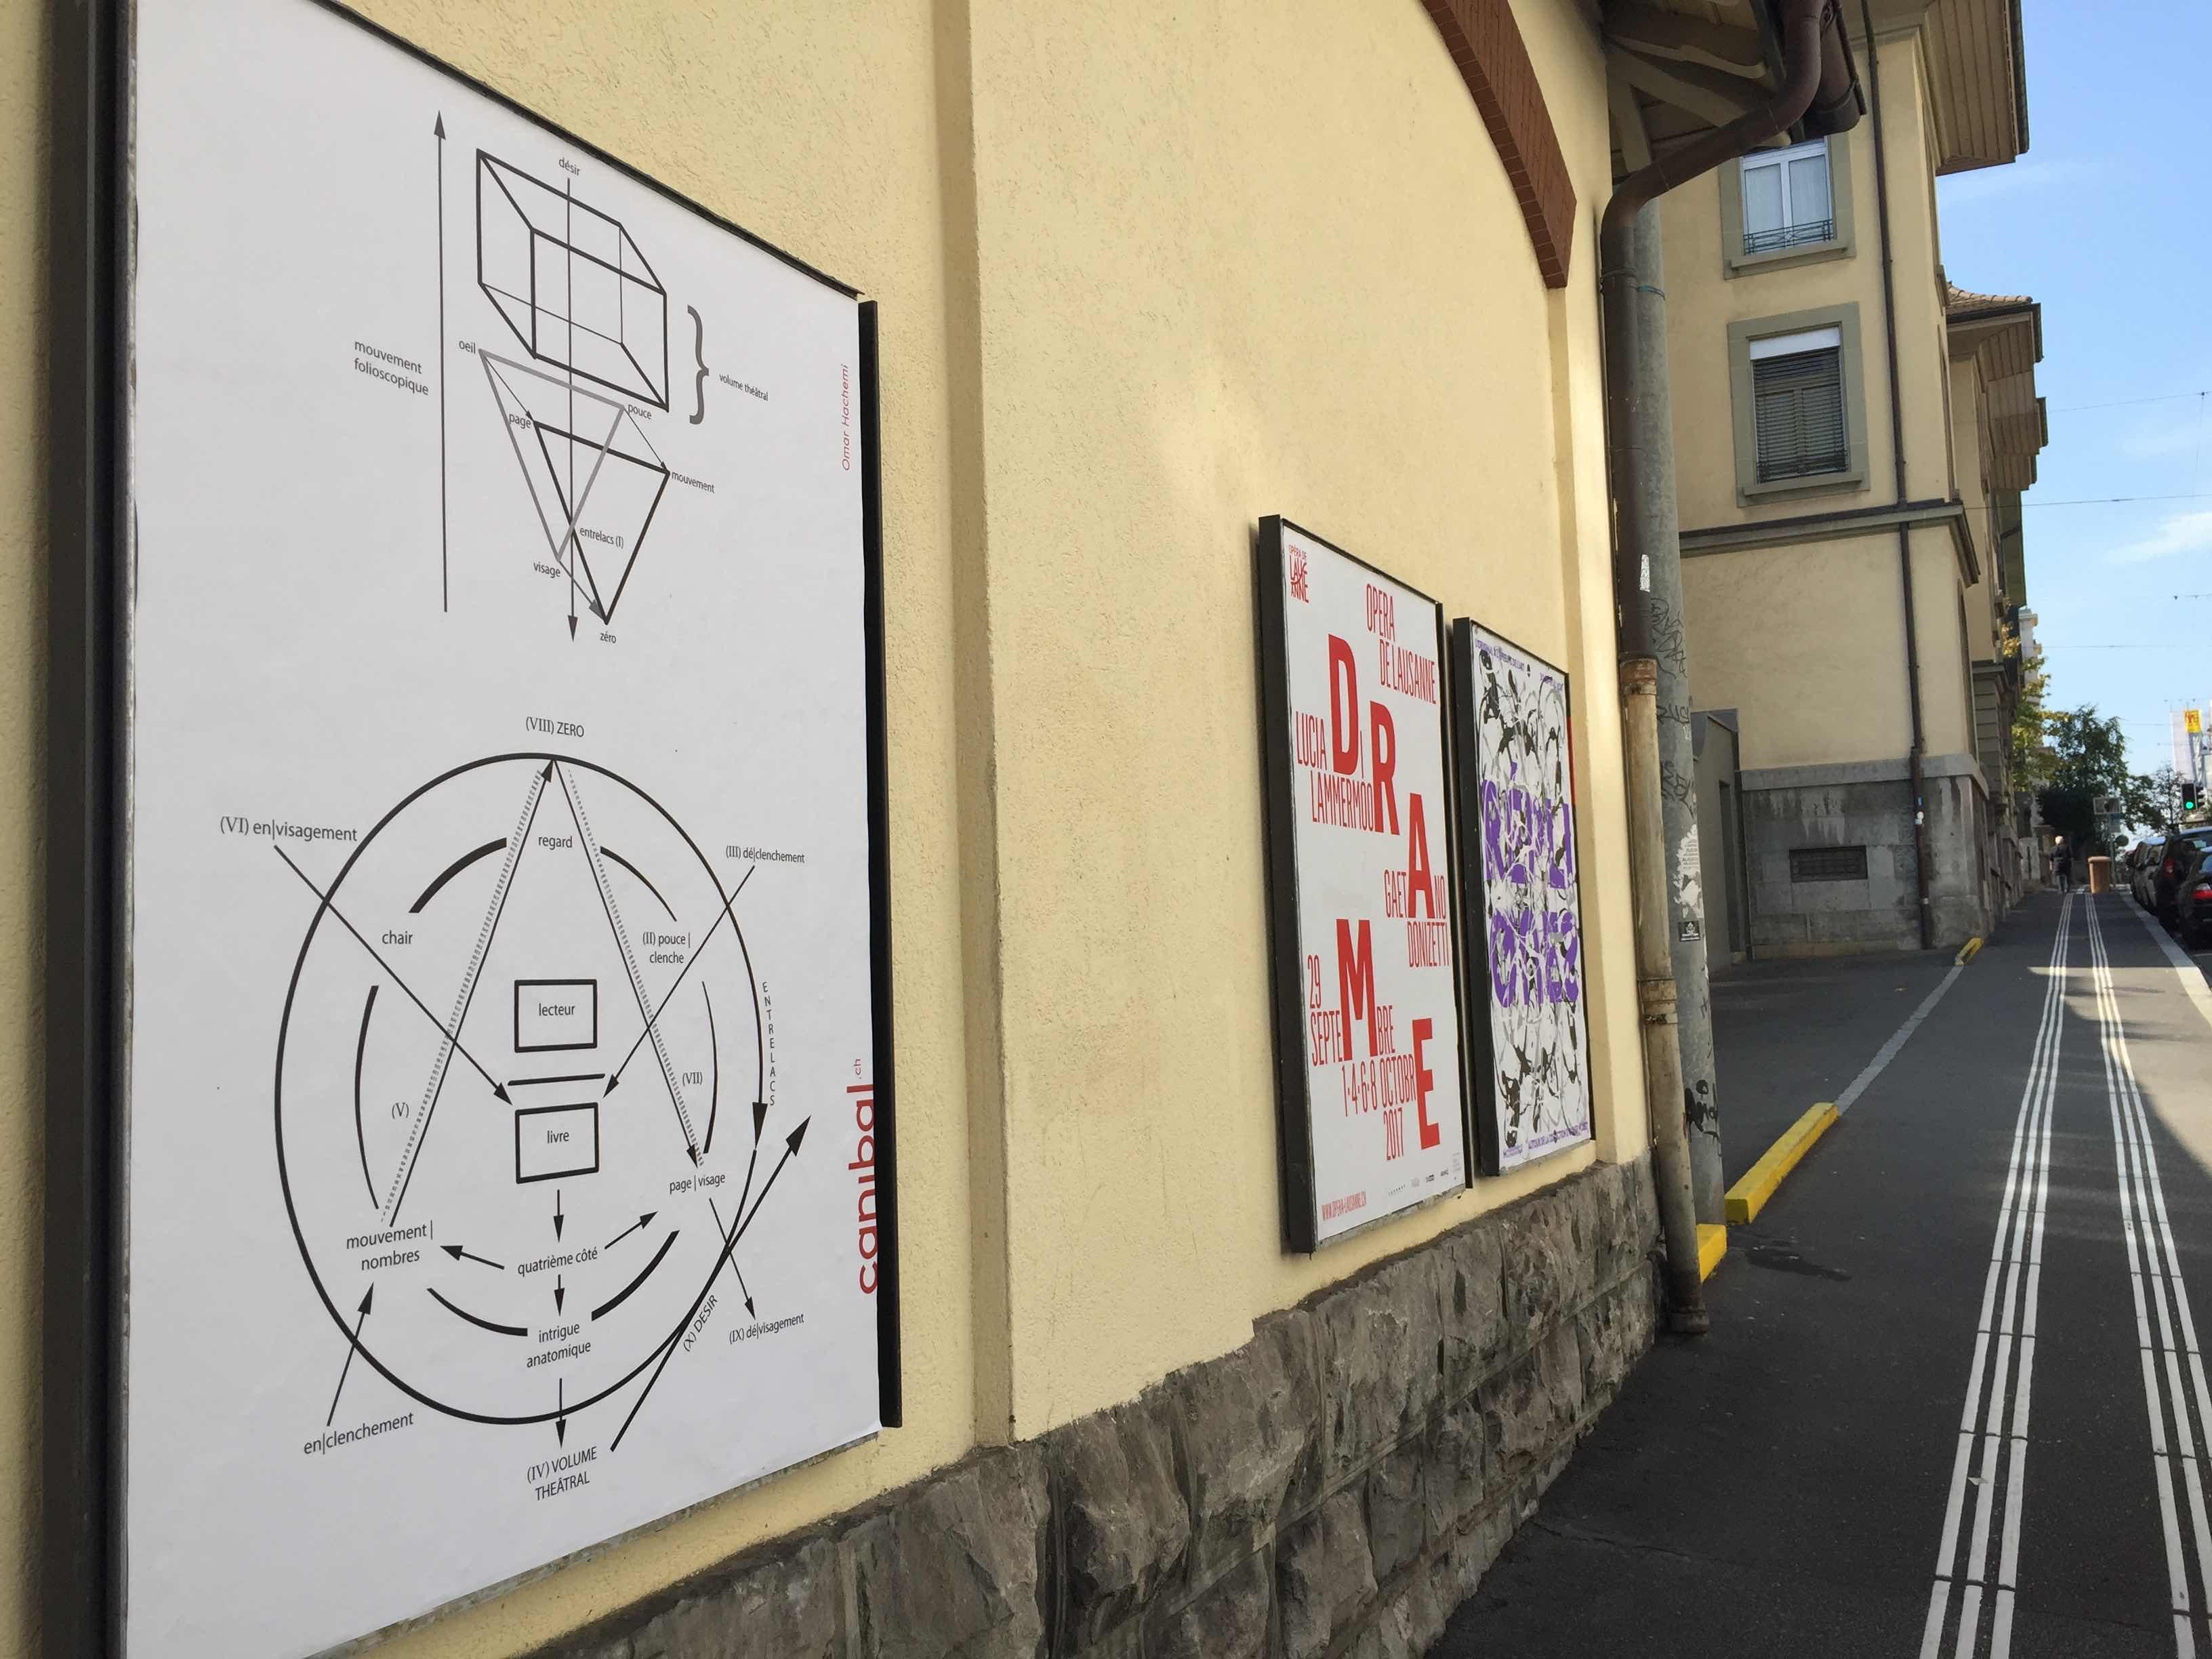 Omar Hachemi, avenue de france 15, Lausanne-IMG_5628